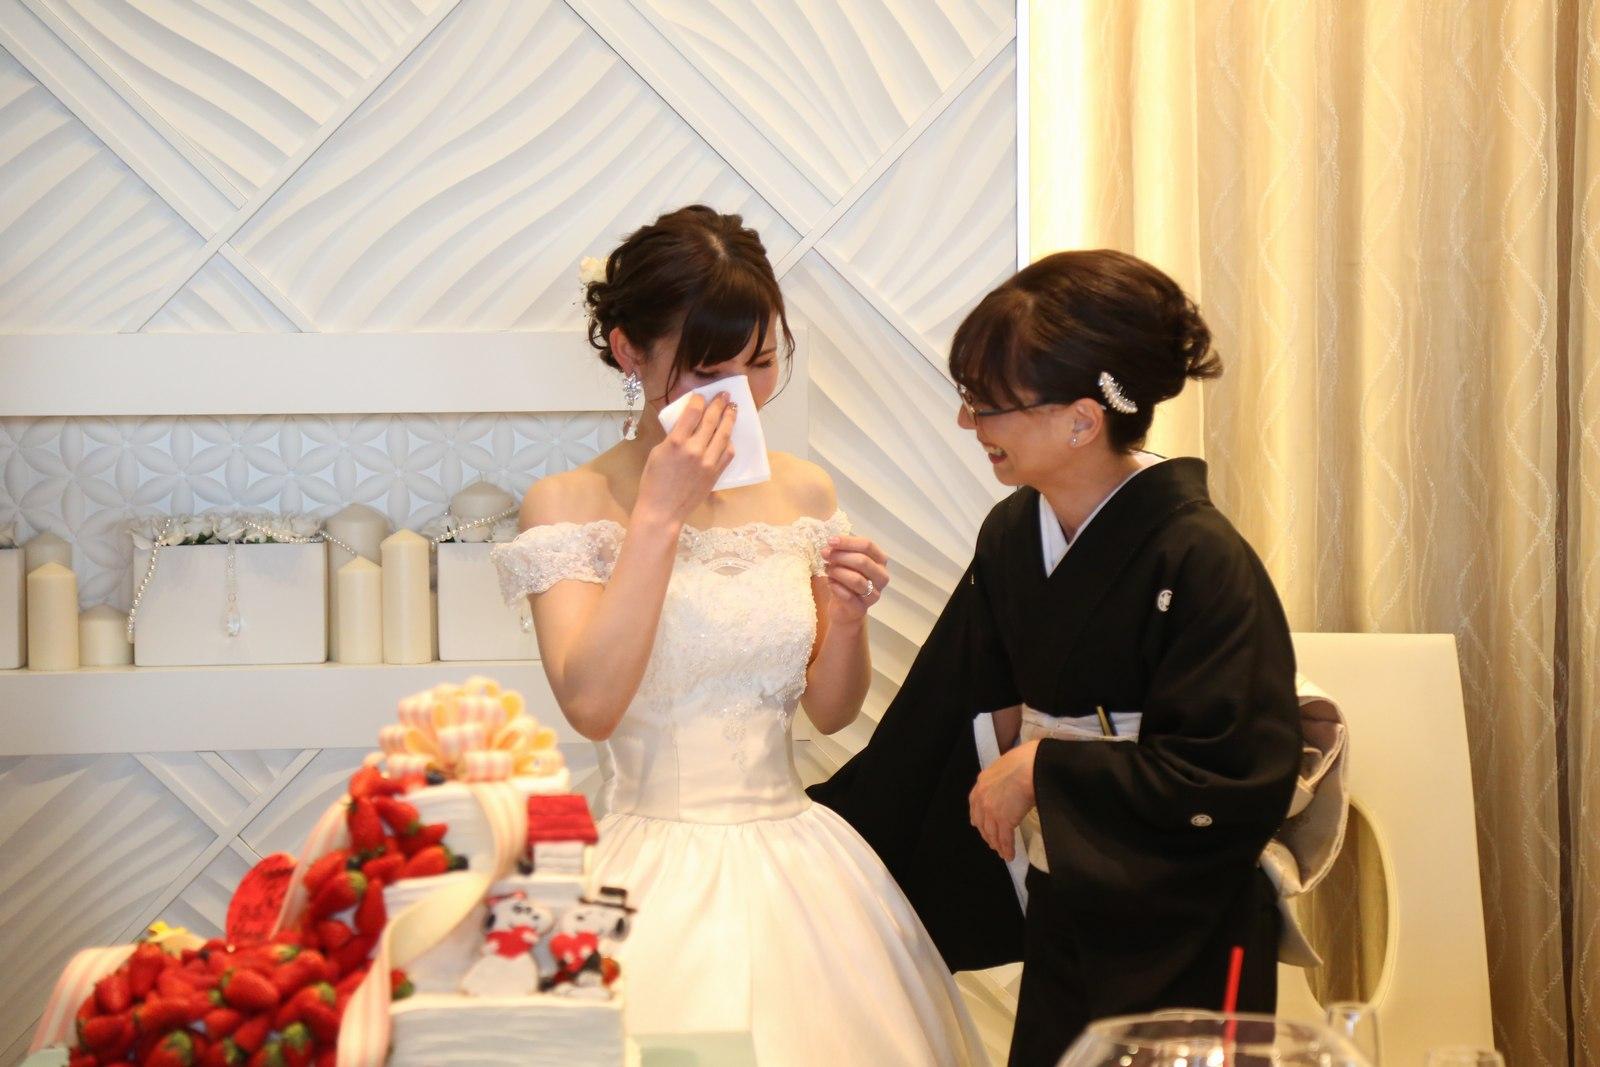 徳島市の結婚式場ブランアンジュでお母様の横で感極まり泣いている新婦